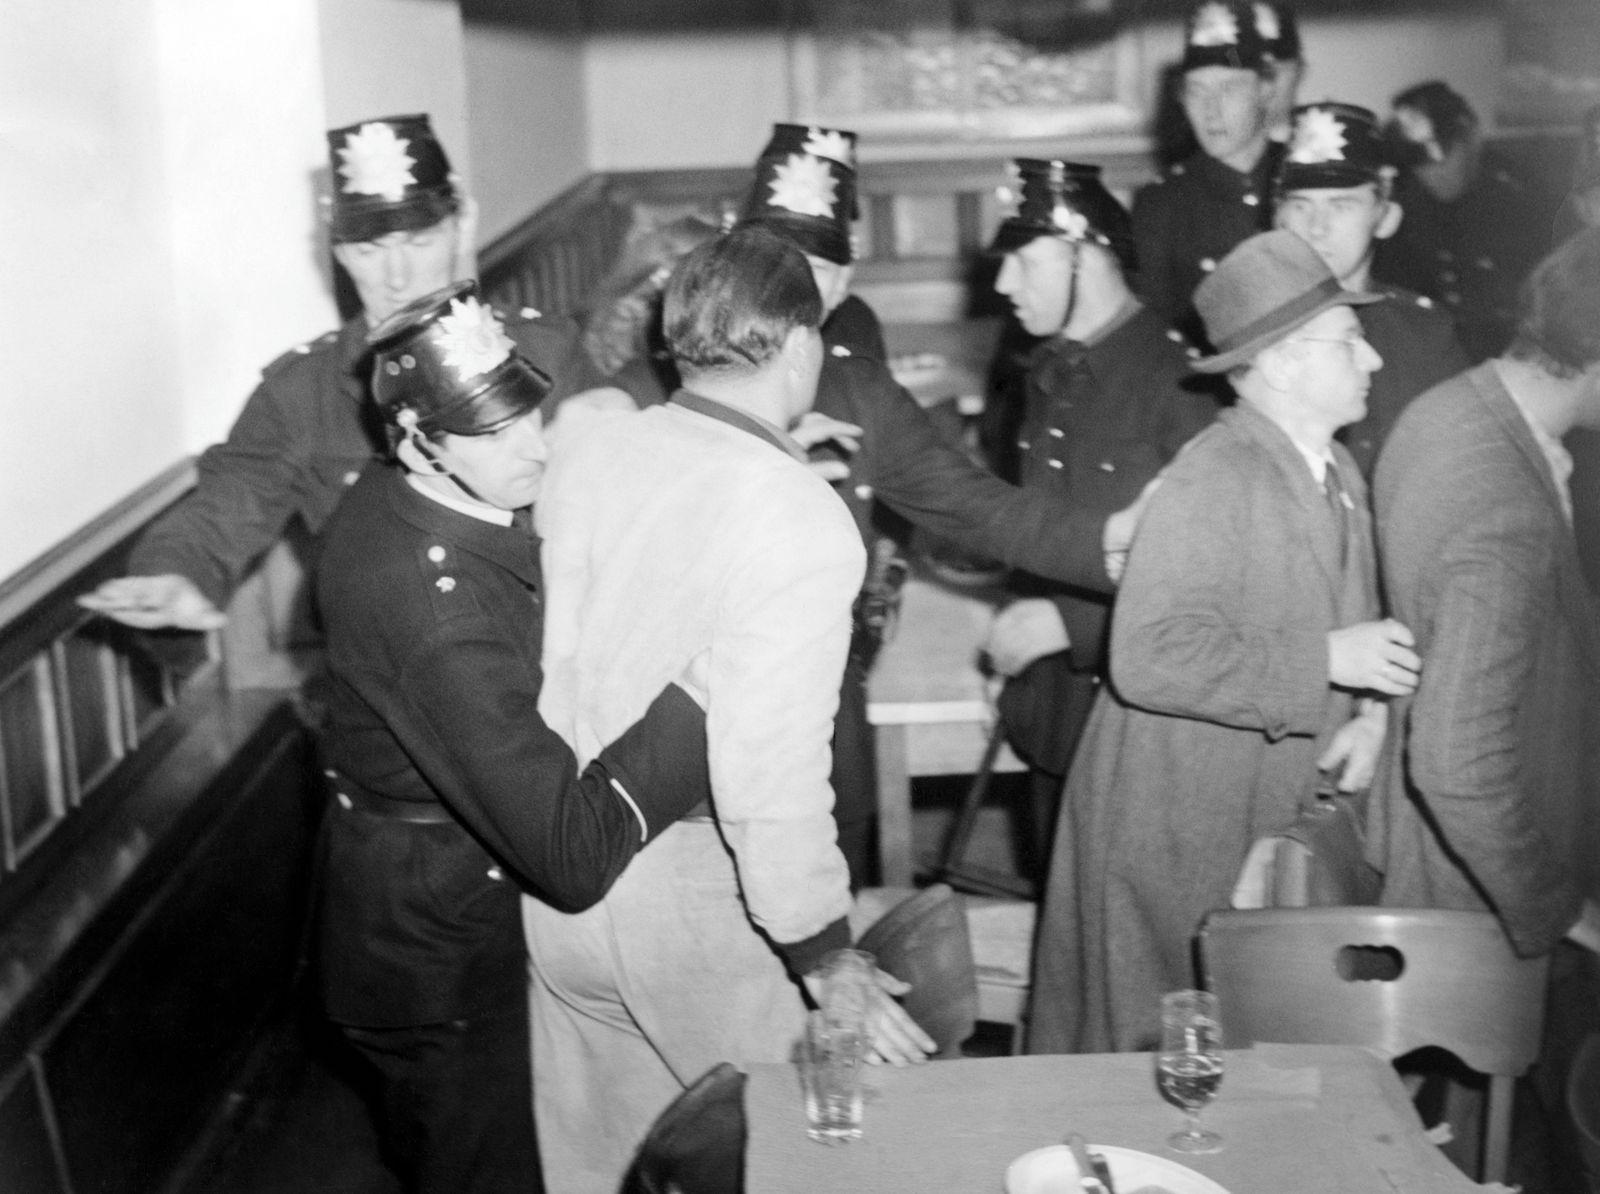 Kommunisten halten beschlagnahmte Parteizentrale besetzt, 1950